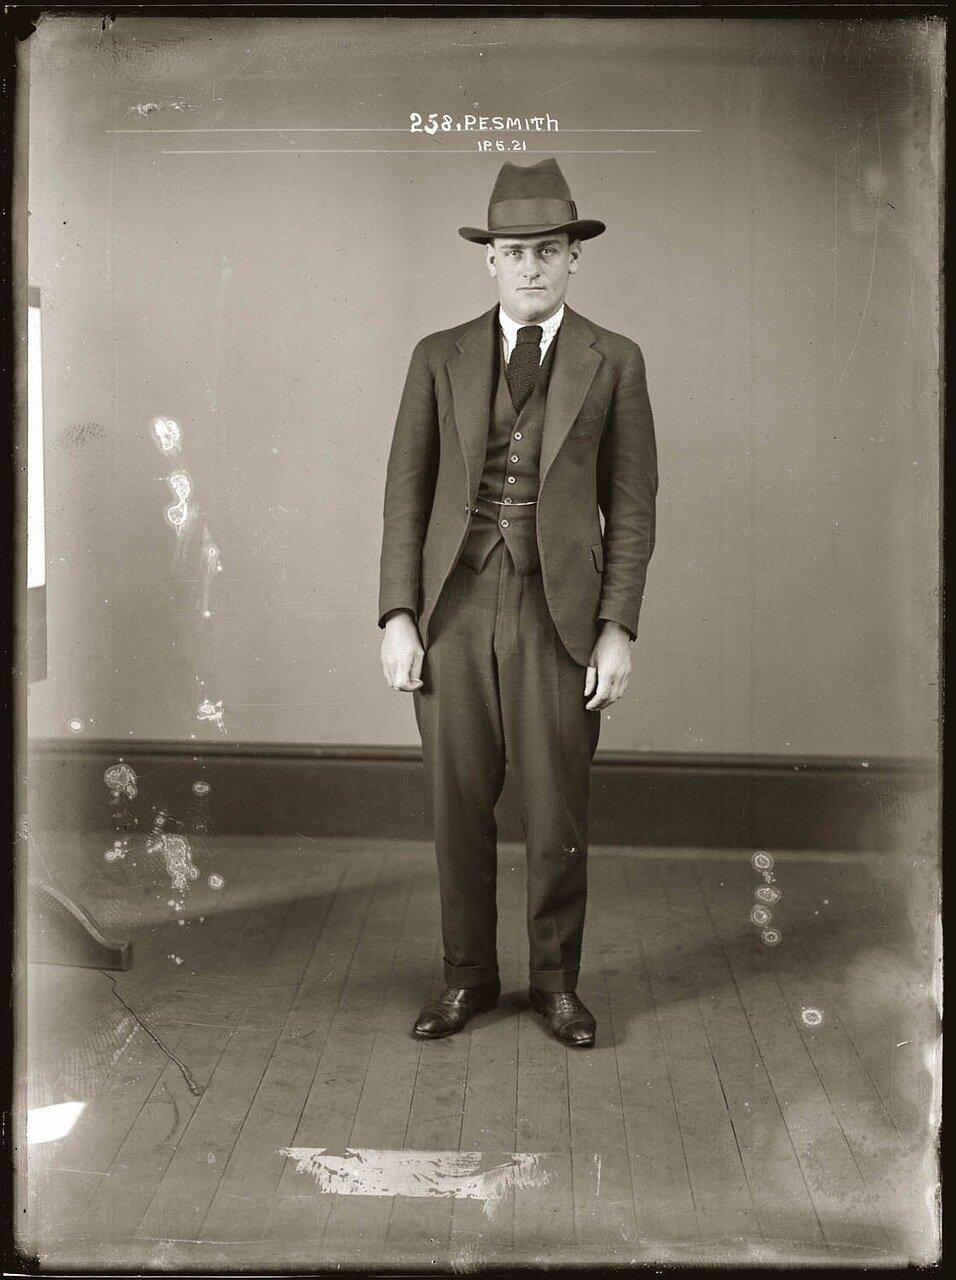 28.Смит - старший рядовых бойцов «стрелков» мафии. В пометке уголовного дела сказано: «Отличается способностями внушения, хитростью и беспощадностью к врагам мафии, очень метко стреляет»